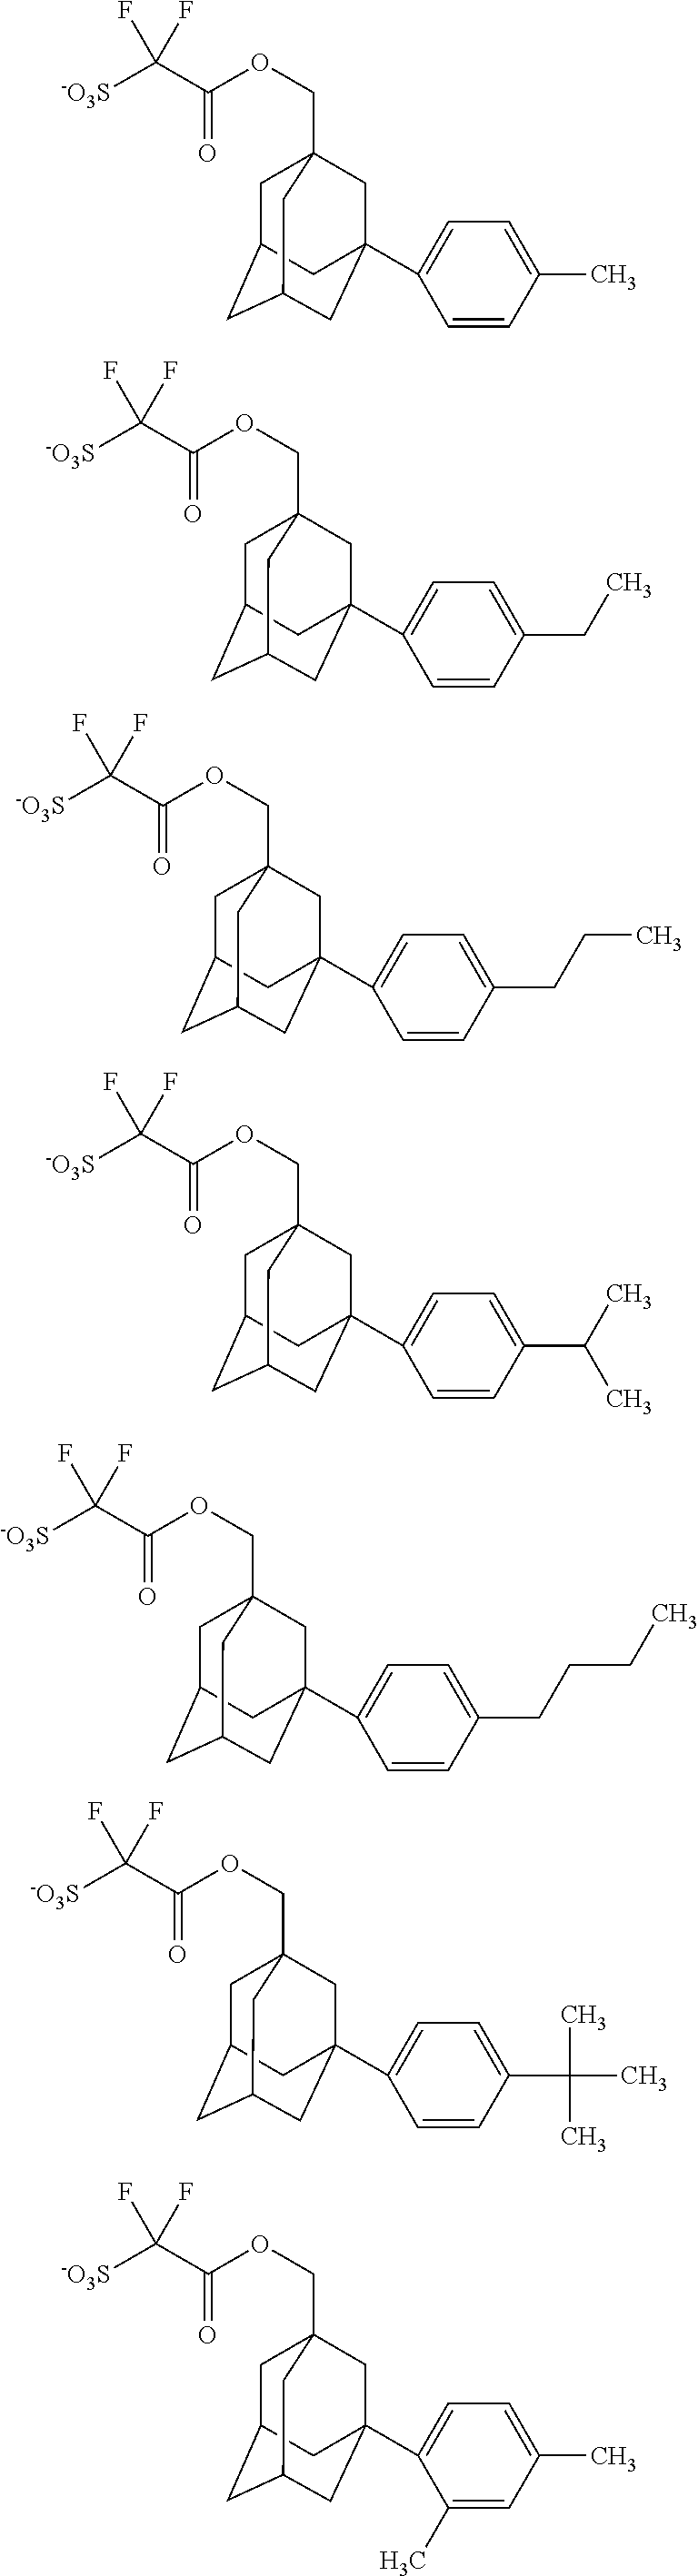 Figure US20100323296A1-20101223-C00101